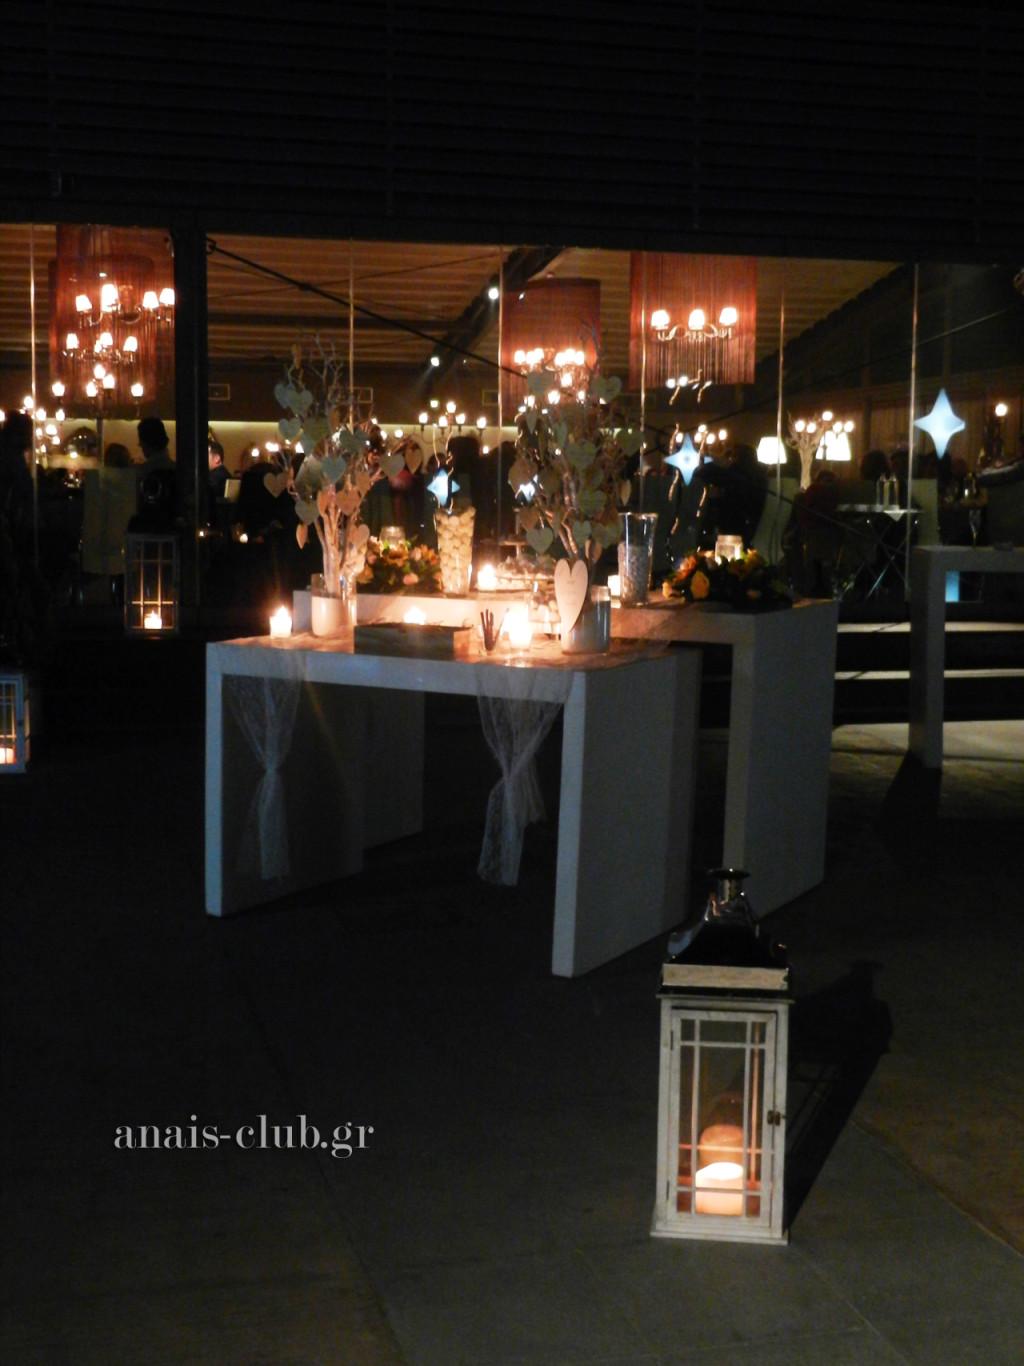 Τραπέζι ευχών στον εξωτερικό χώρο του Anais club